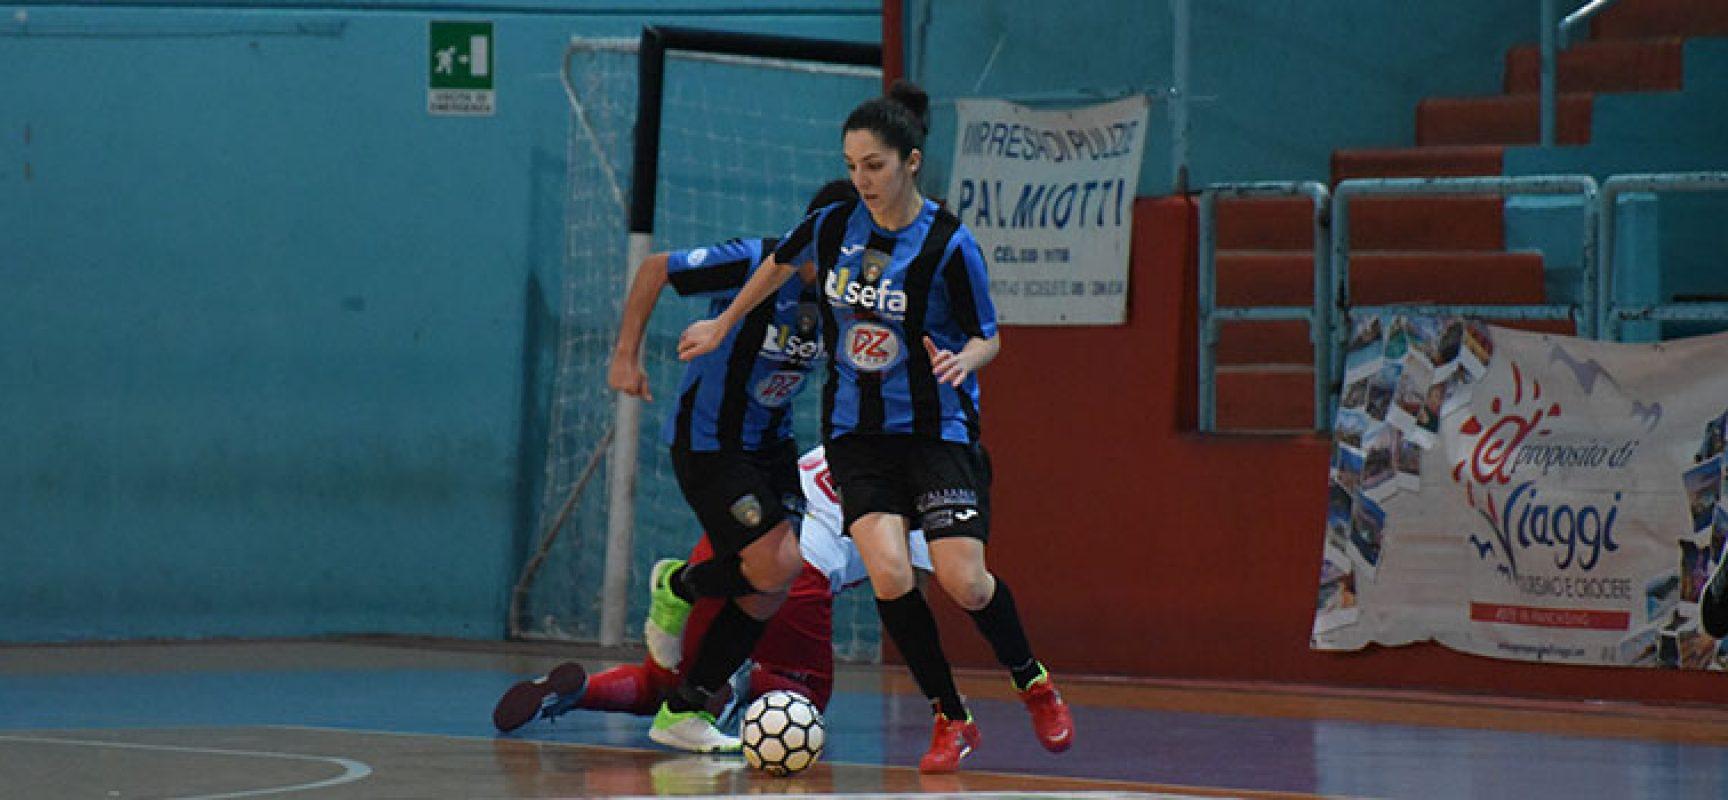 Bisceglie Femminile ospita la Lazio nell'anticipo al sabato